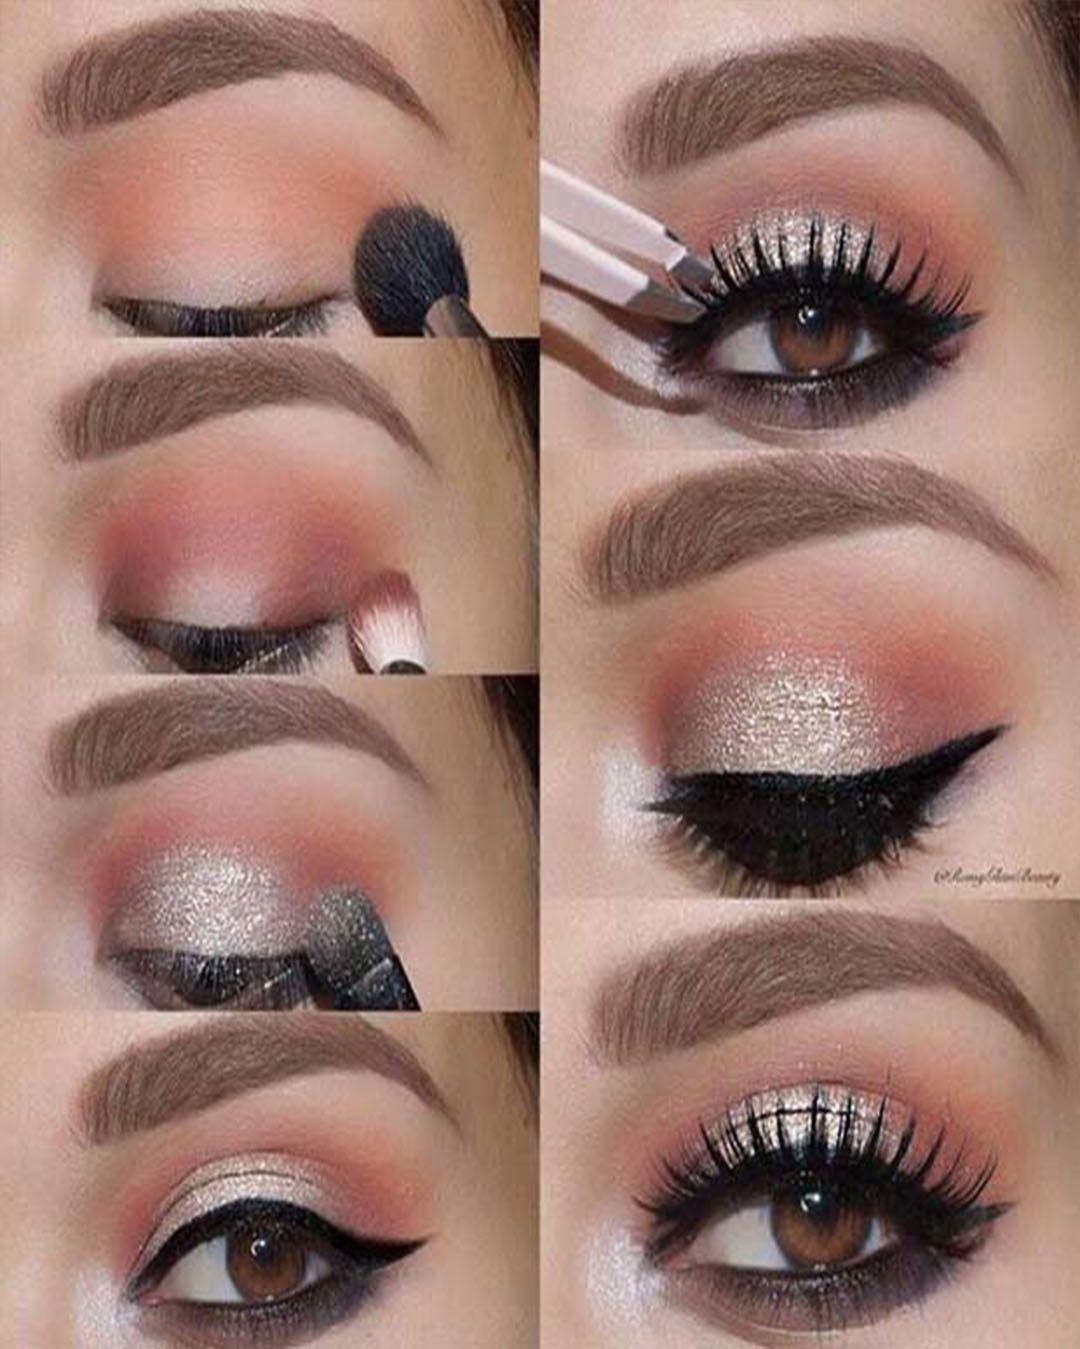 Maquillaje De Ojos De Noche Paso A Paso Originales Y Elegantes Eye Makeup Steps Eye Makeup Tutorial Eye Makeup Tips